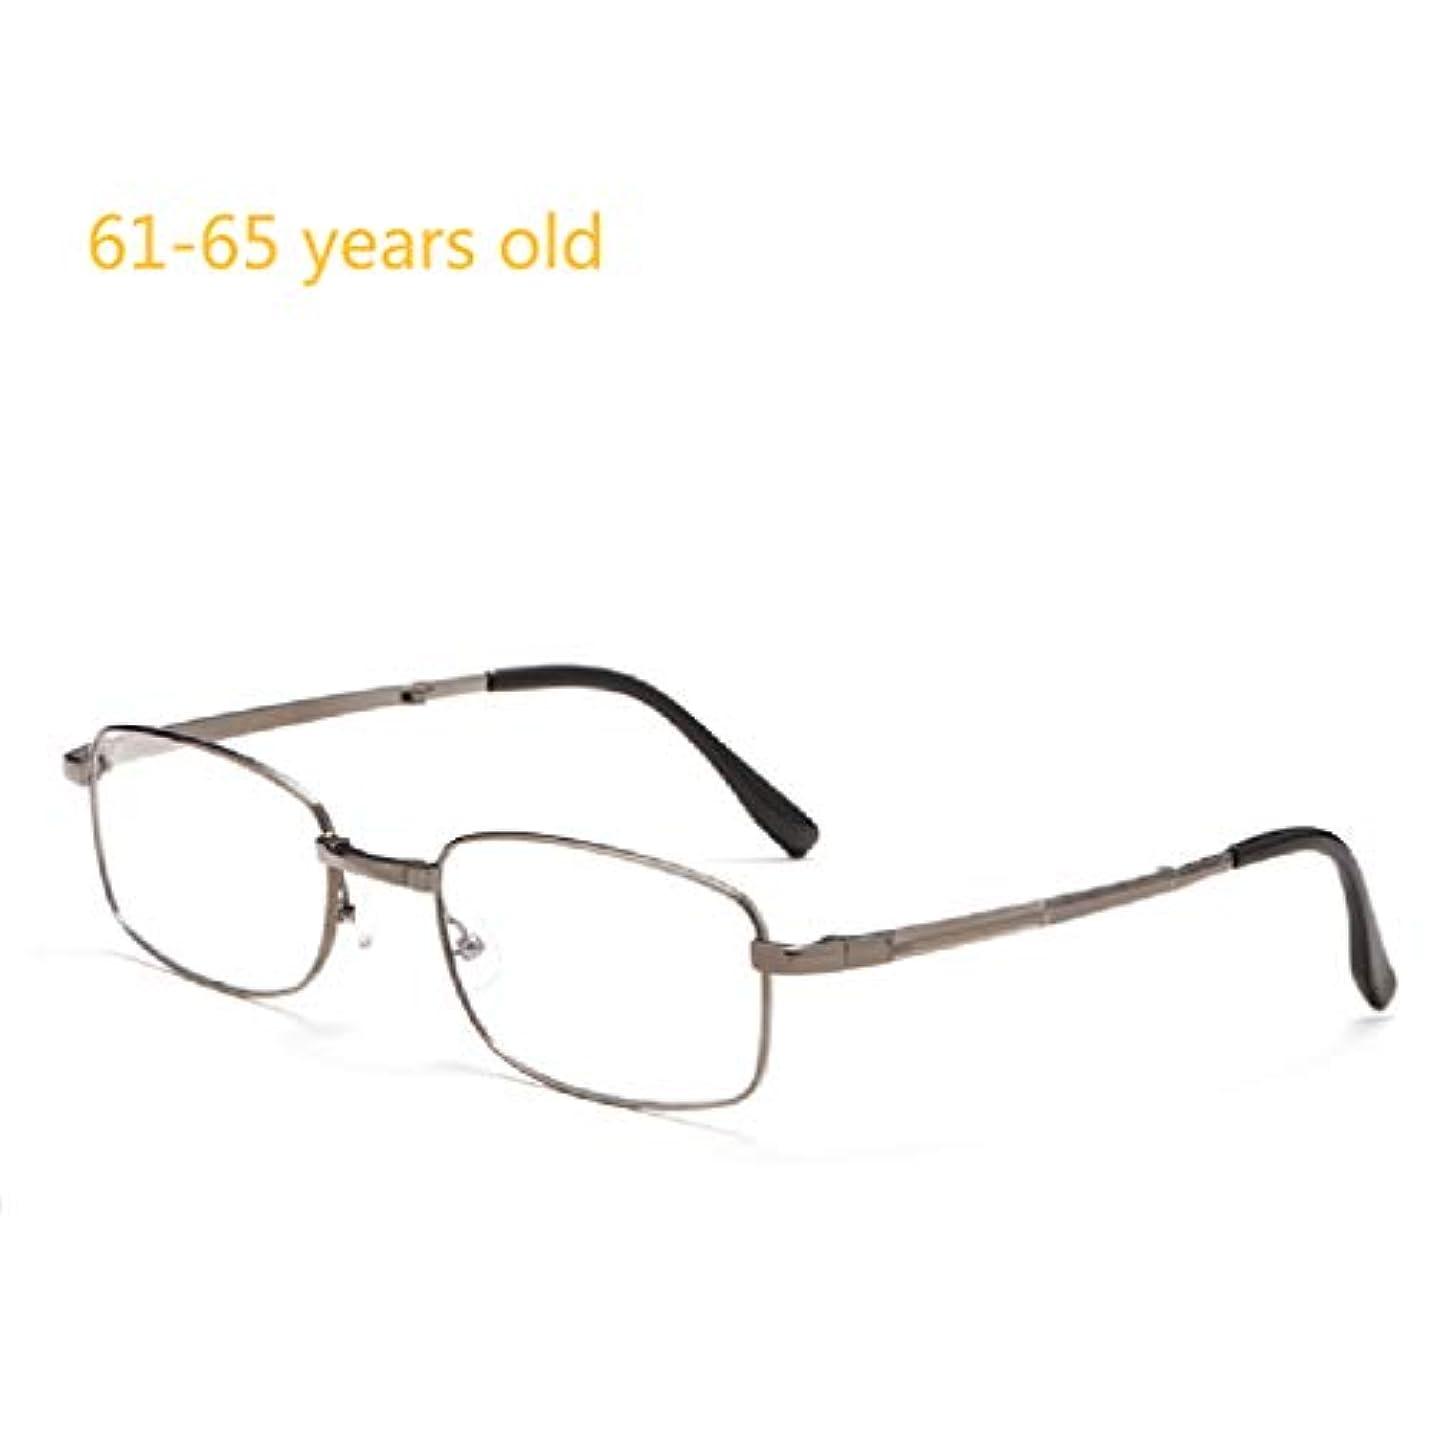 気候の山厳しいブラウズ男性用アンチブルーリーダー、プログレッシブマルチフォーカス老眼鏡。高解像度の2層ブルーフィルムコーティング、純チタンフレーム、軽量で持ち運びが簡単。